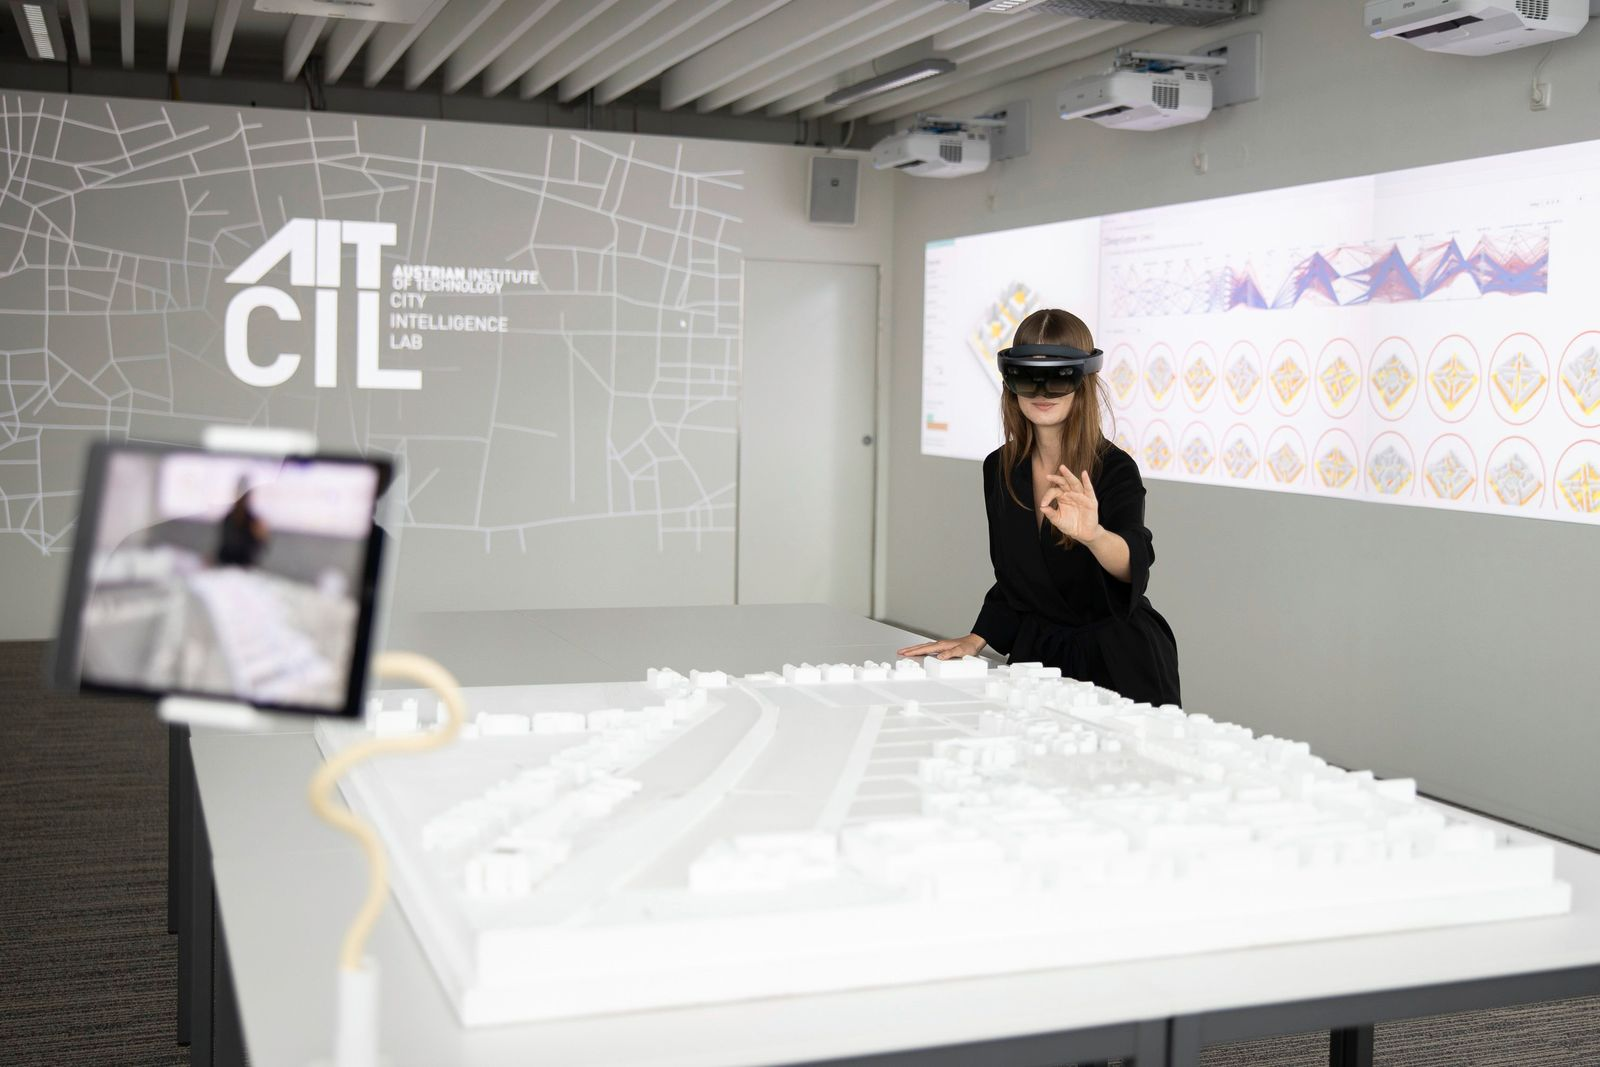 Center for Energy des AIT Austrian Institute of Technology eröffnet erstes City Intelligence Lab in Österreich